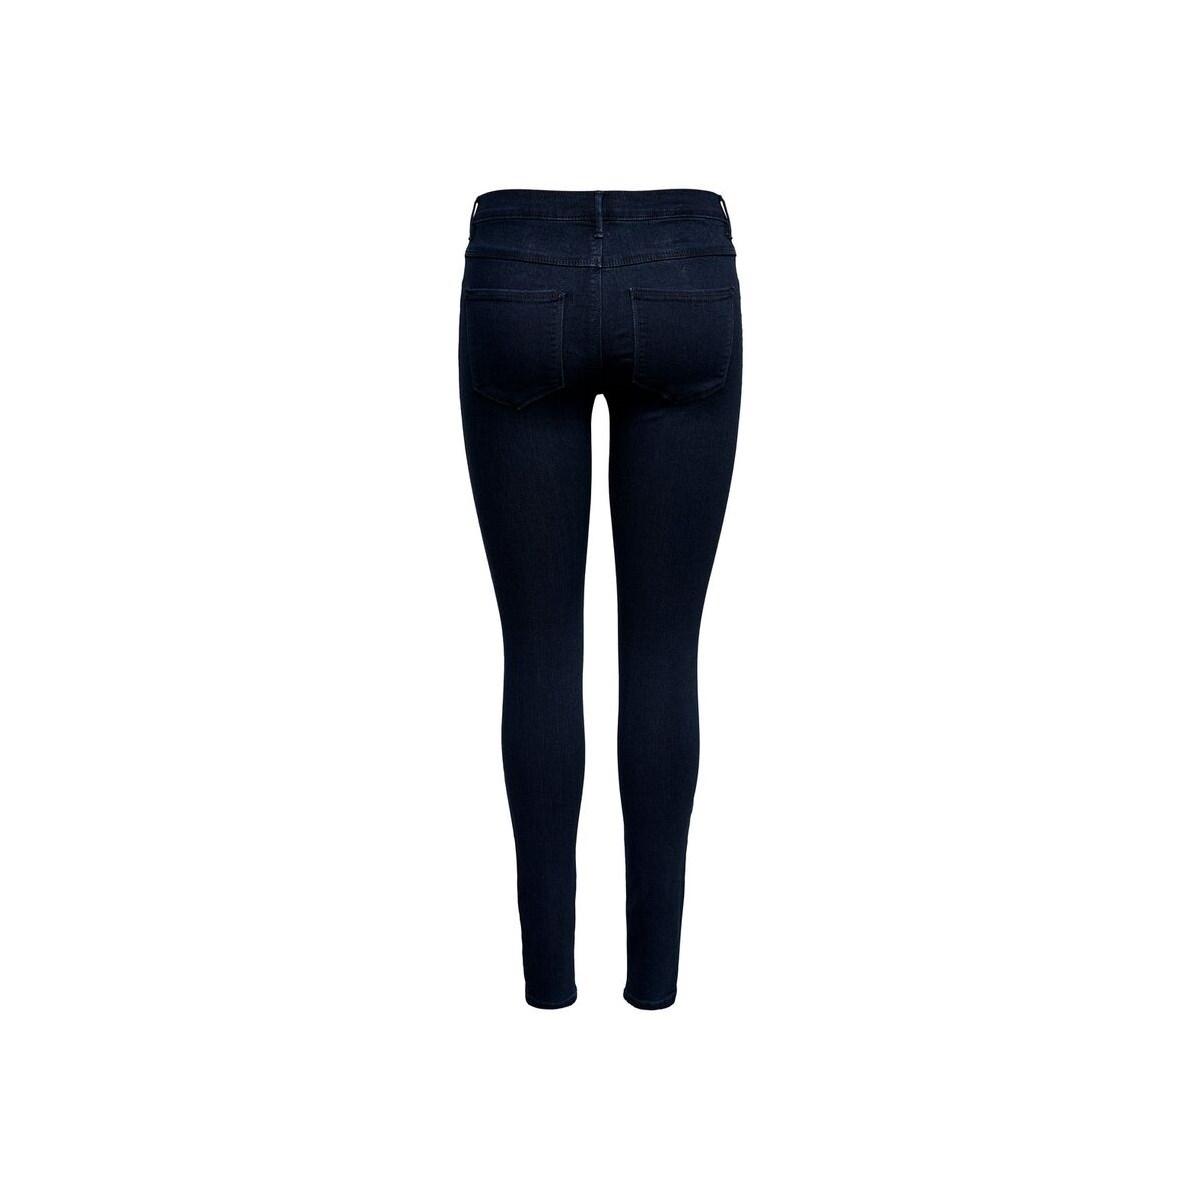 Onlrain Reg Skinny Jeans BB Crya011 Noos